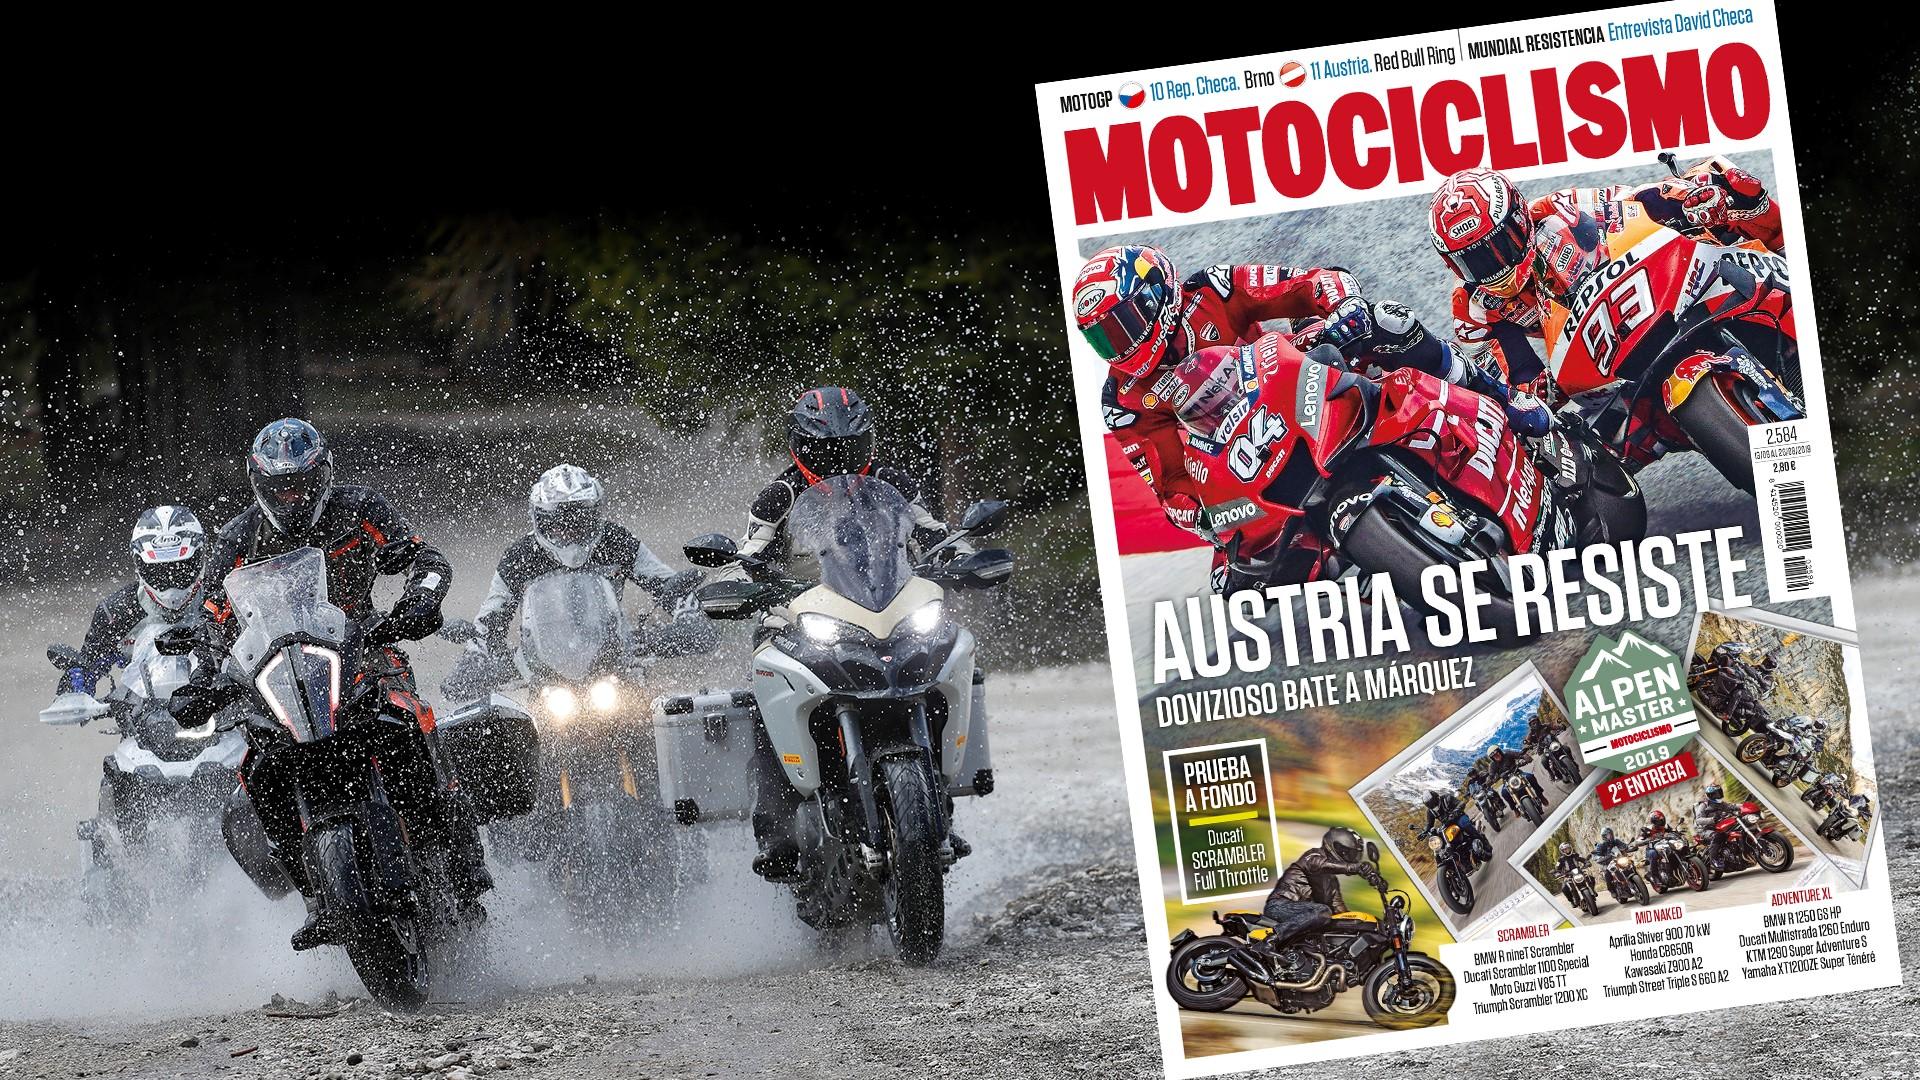 MOTOCICLISMO 2584, contenidos y sumario de la revista